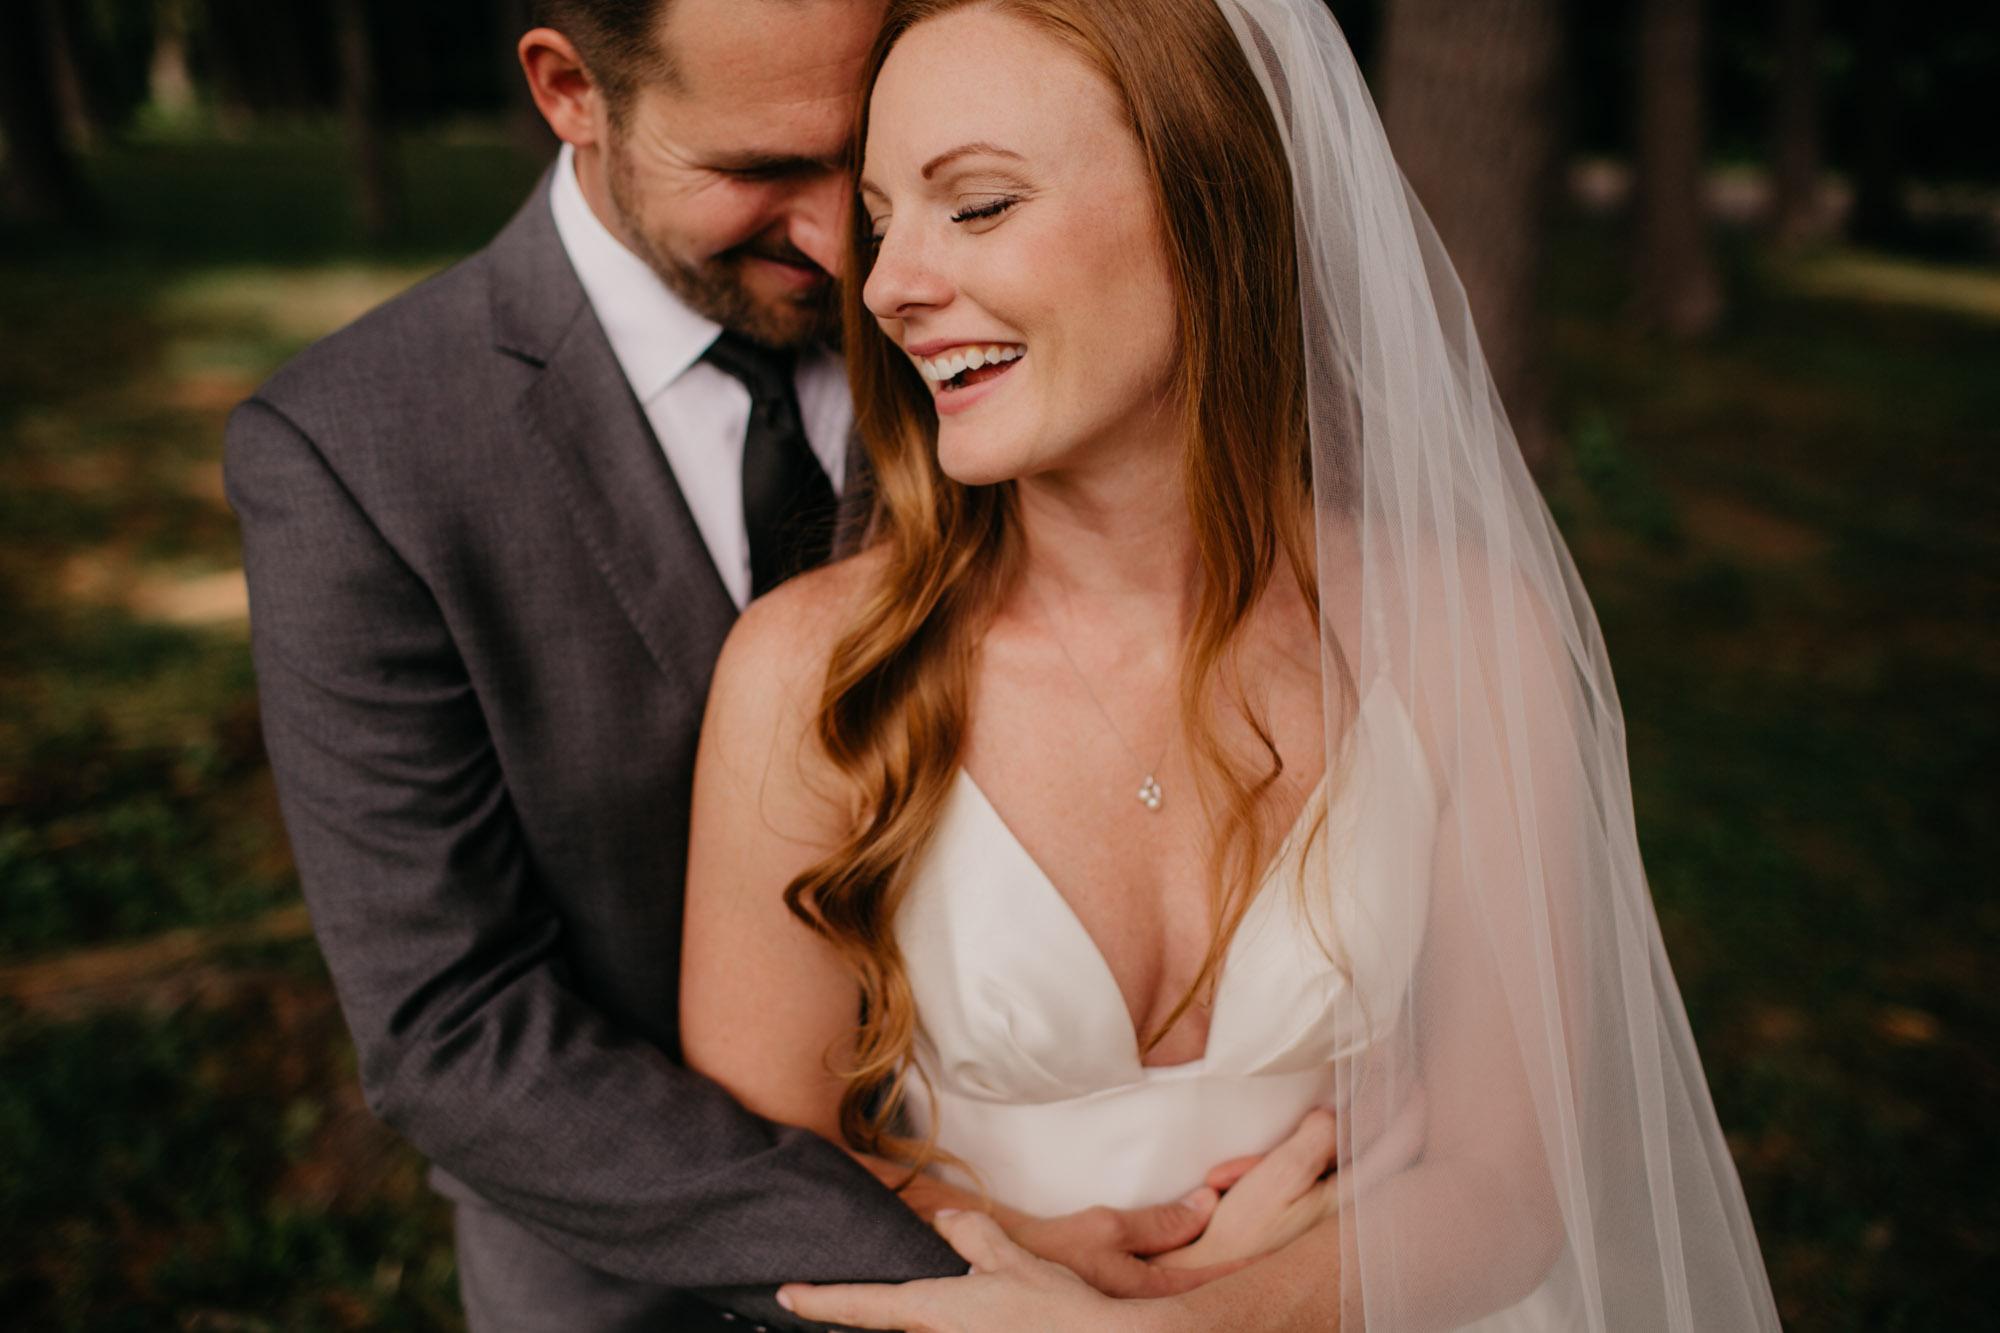 elmwood-park-wedding-photographer-nicole-jon-17.jpg